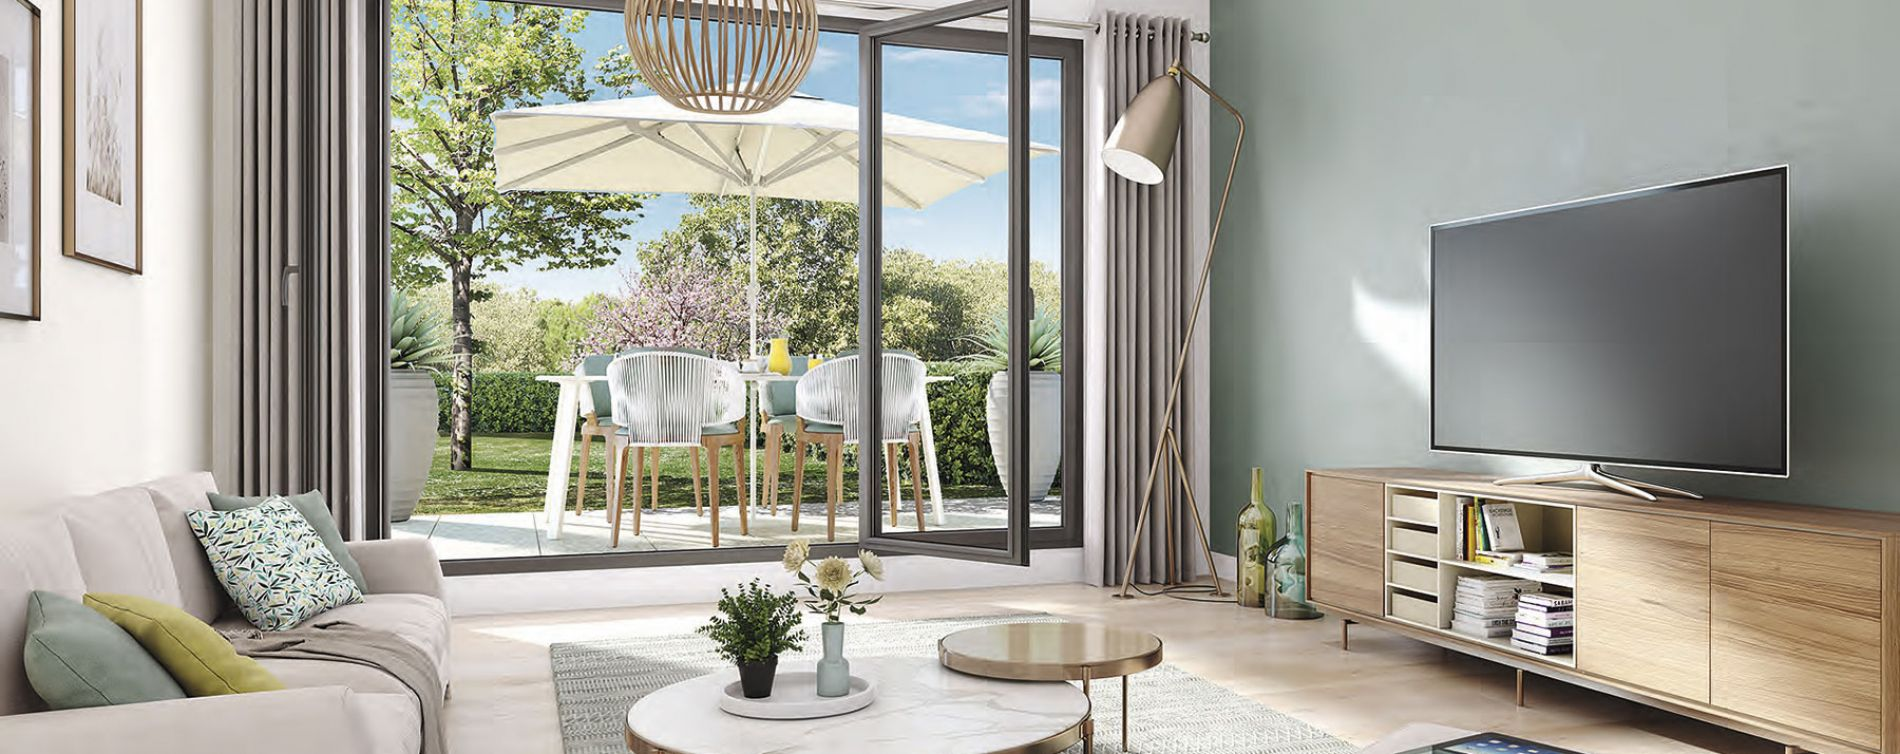 Les Mureaux : programme immobilier neuve « Cyméa » (3)